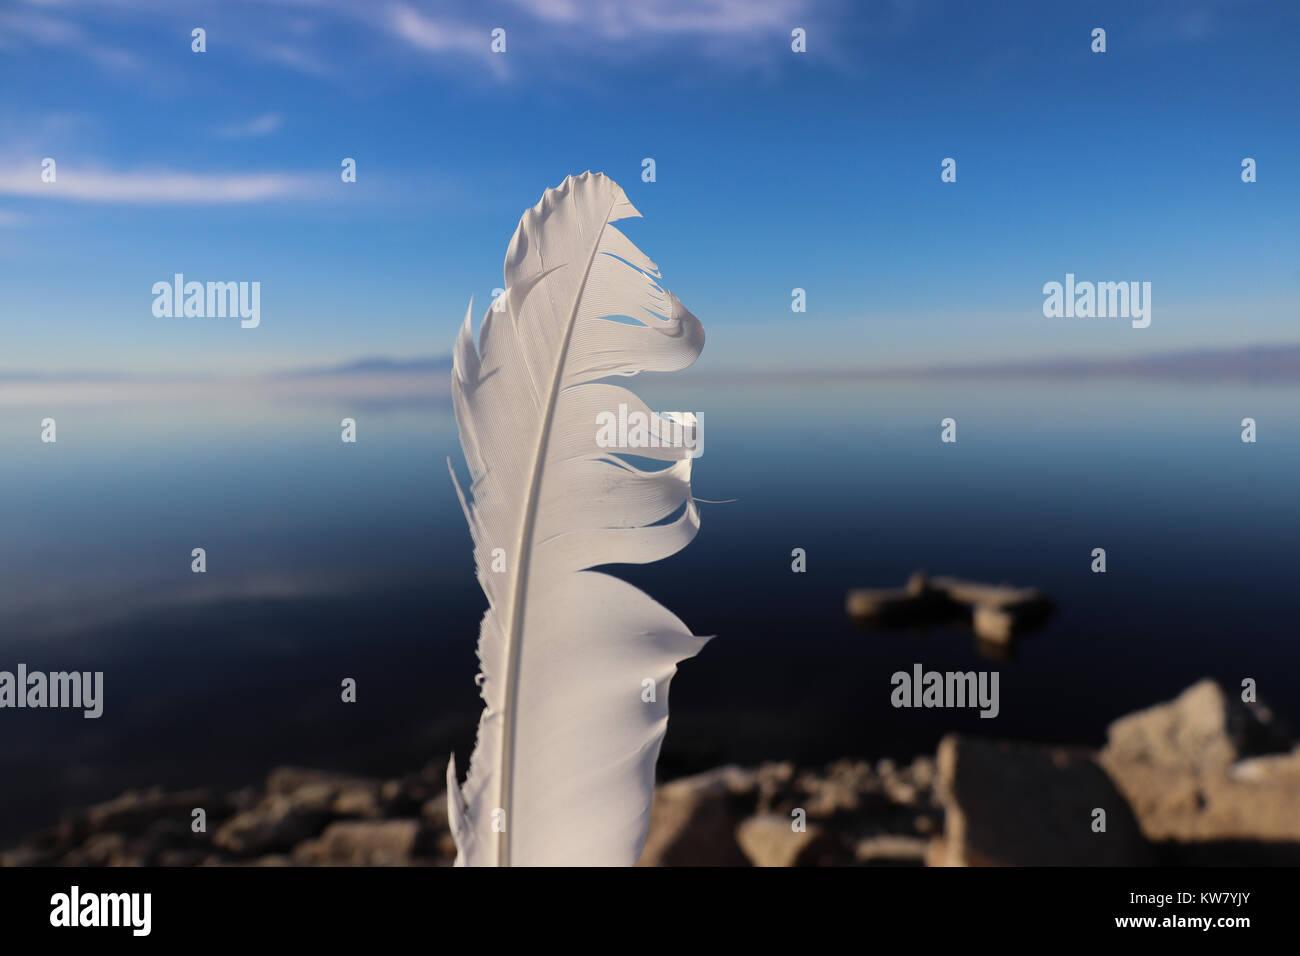 Une plume d'oiseau blanc endommagé a tenu jusqu'en face de la Salton Sea en Californie, symbolisant Photo Stock